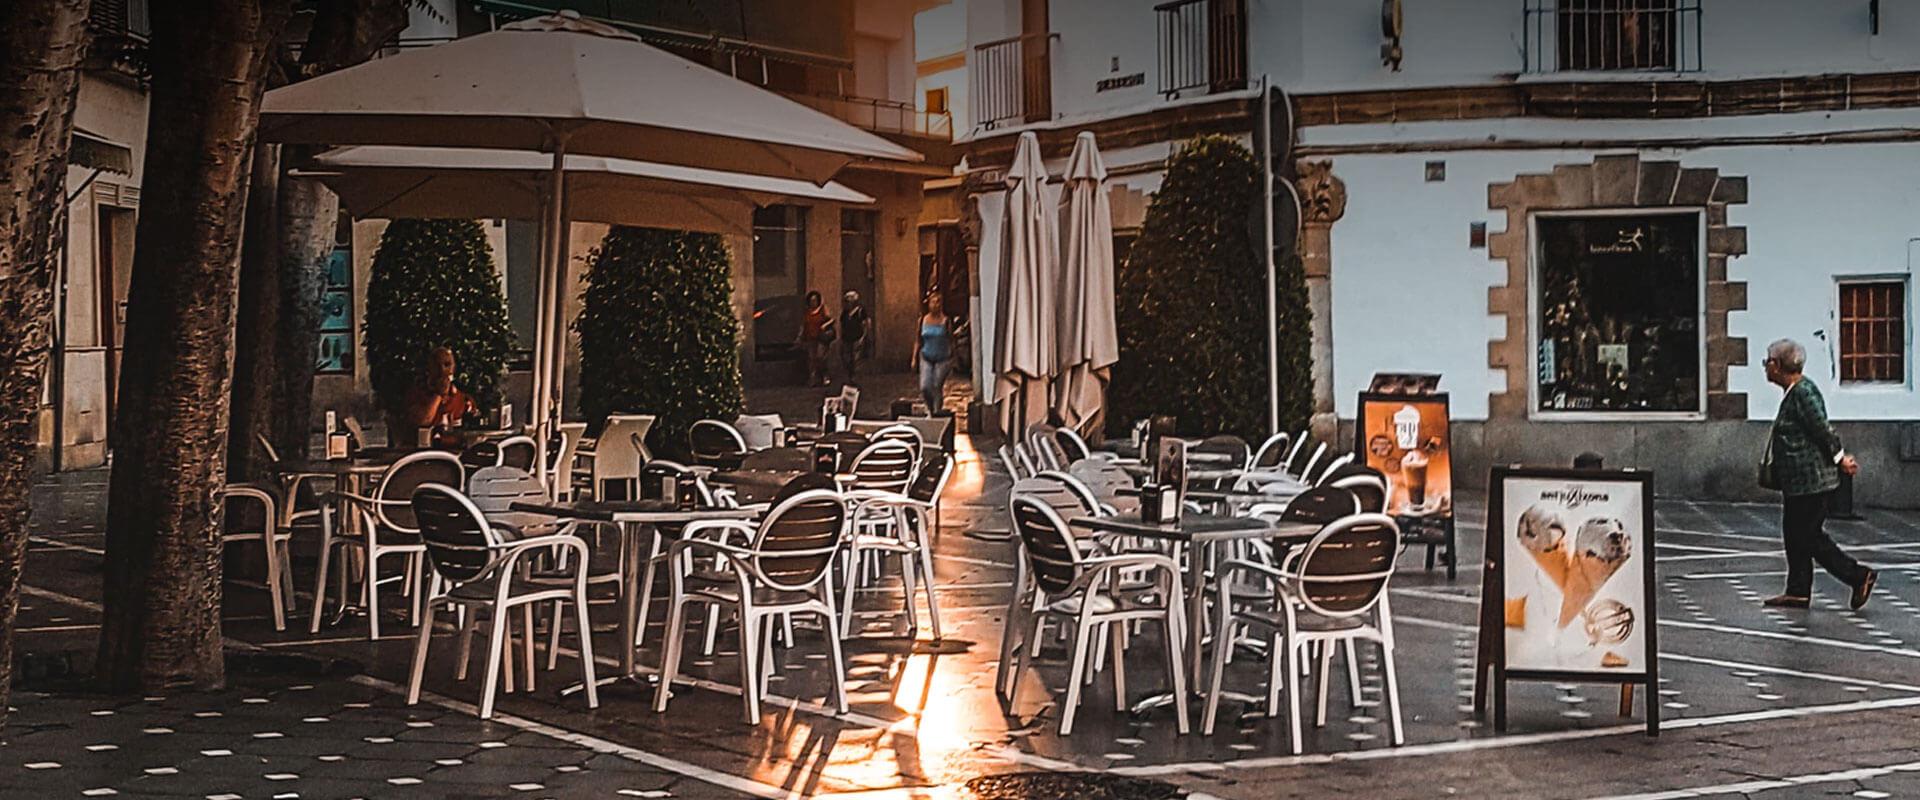 Wanderlust-Italia-Portale-di-Viaggi-Home-Page- (25)